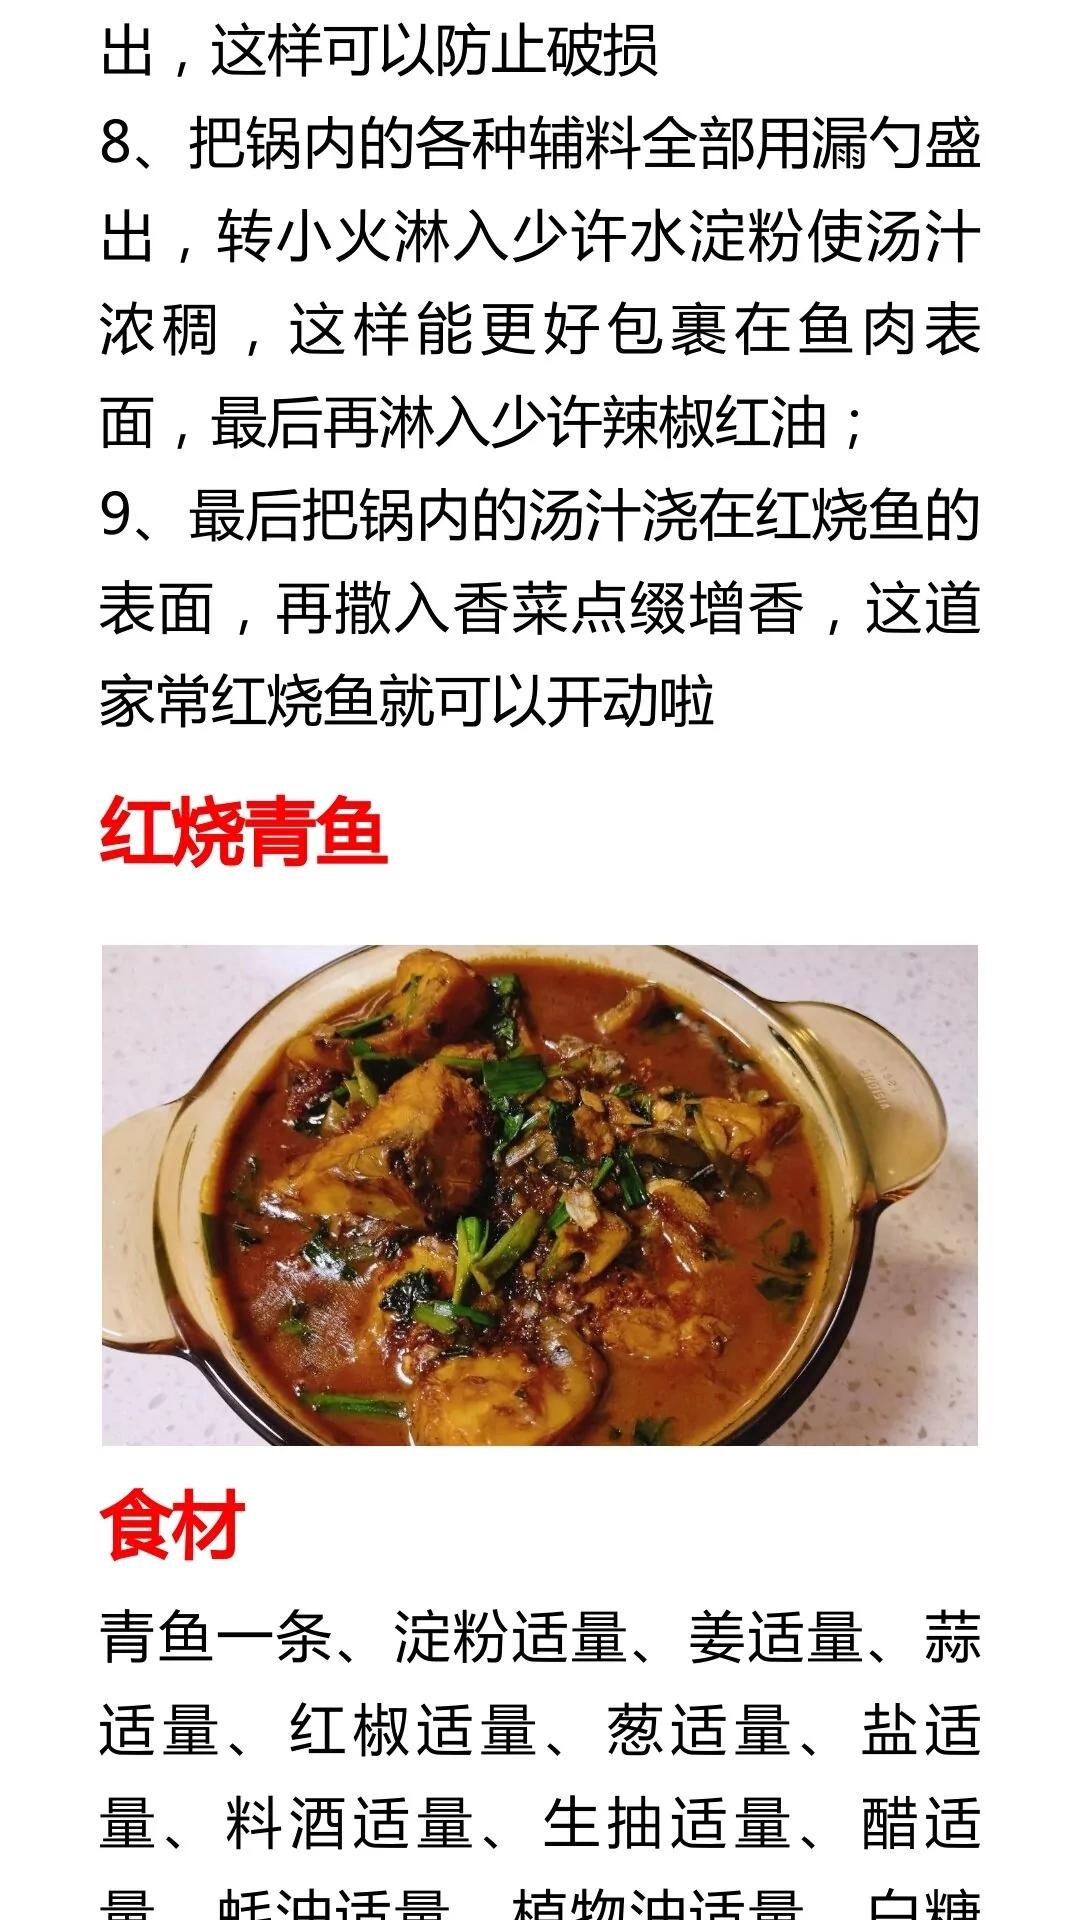 家常鱼肉菜单做法大全!鱼的做法教程 美食做法 第4张